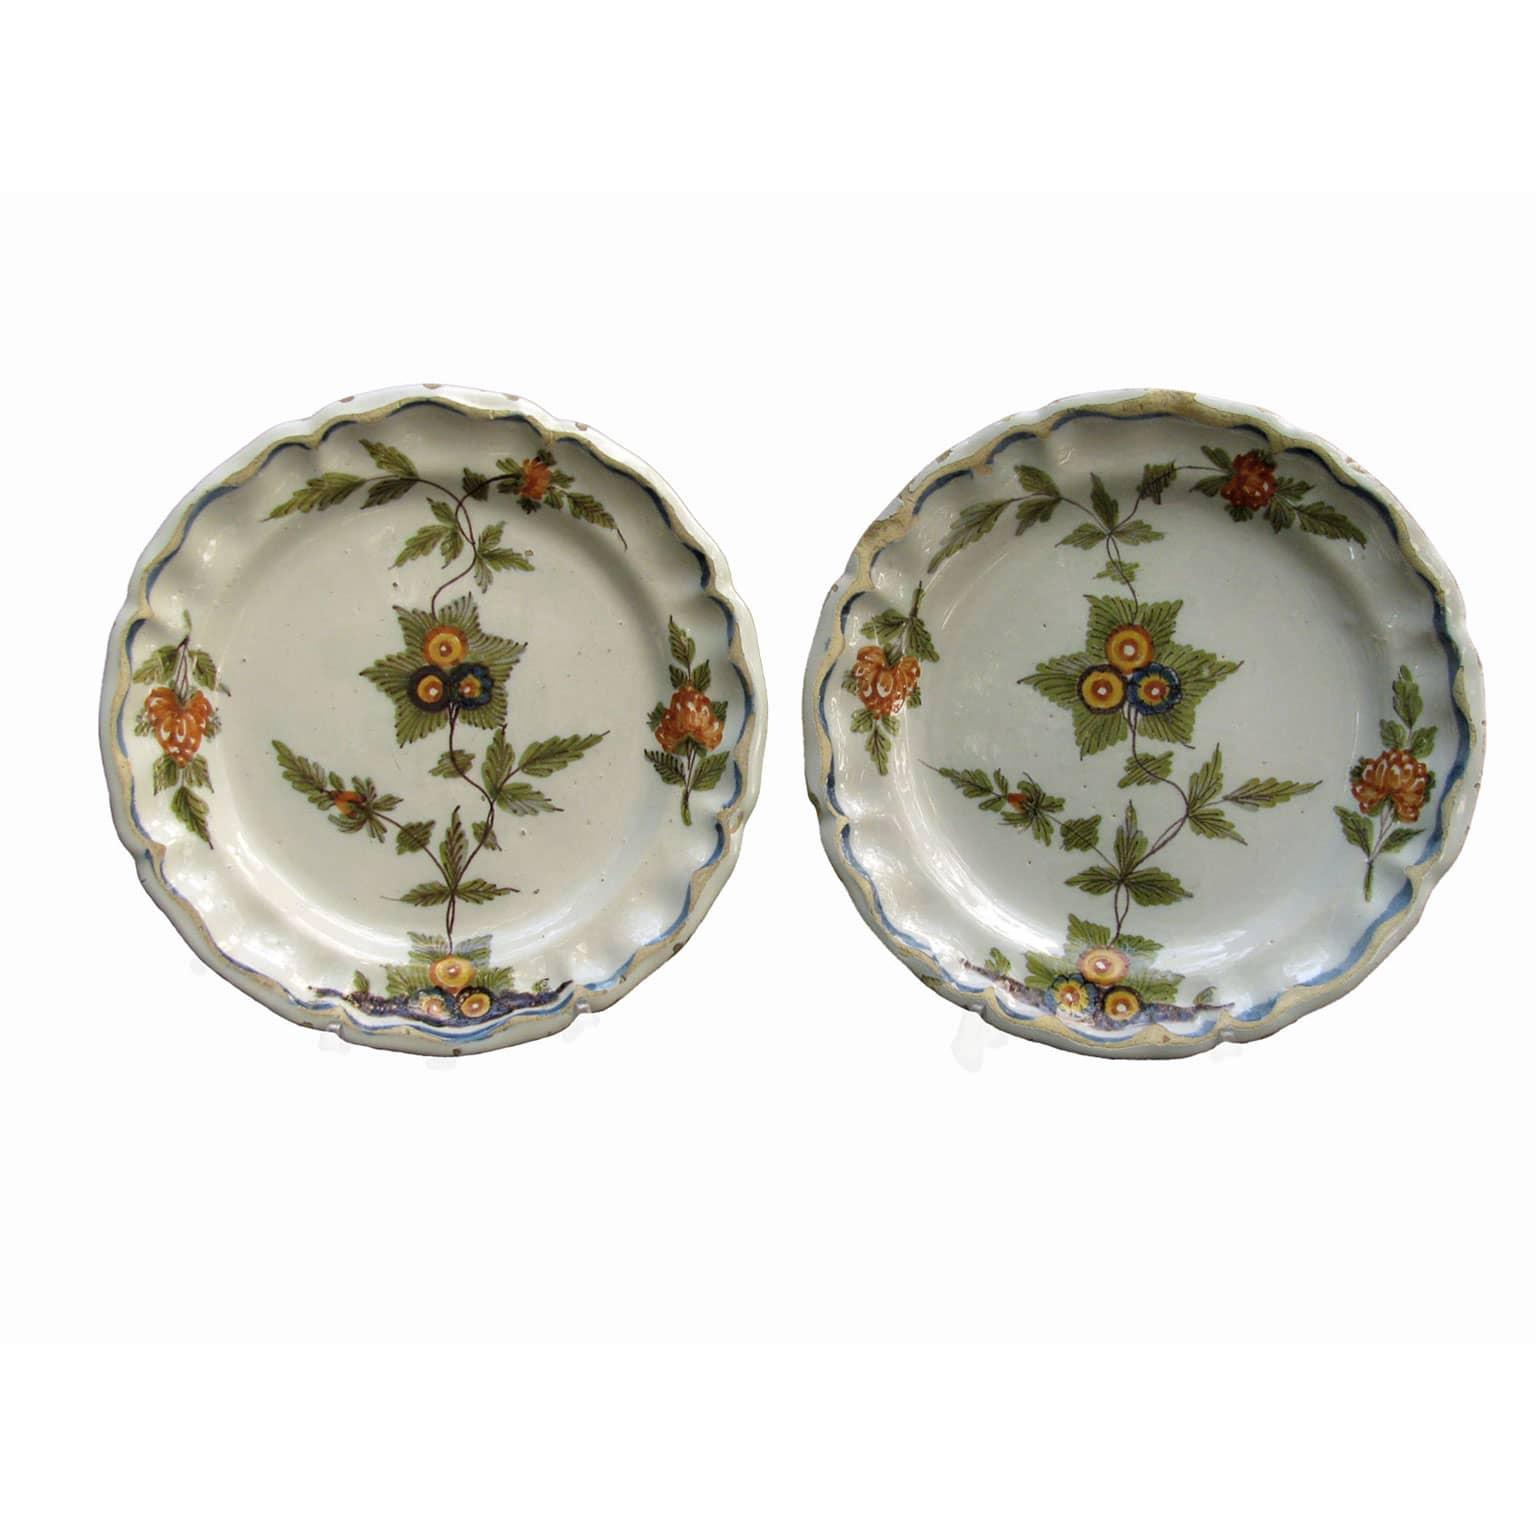 due piatti antichi decorati con fiori policromi